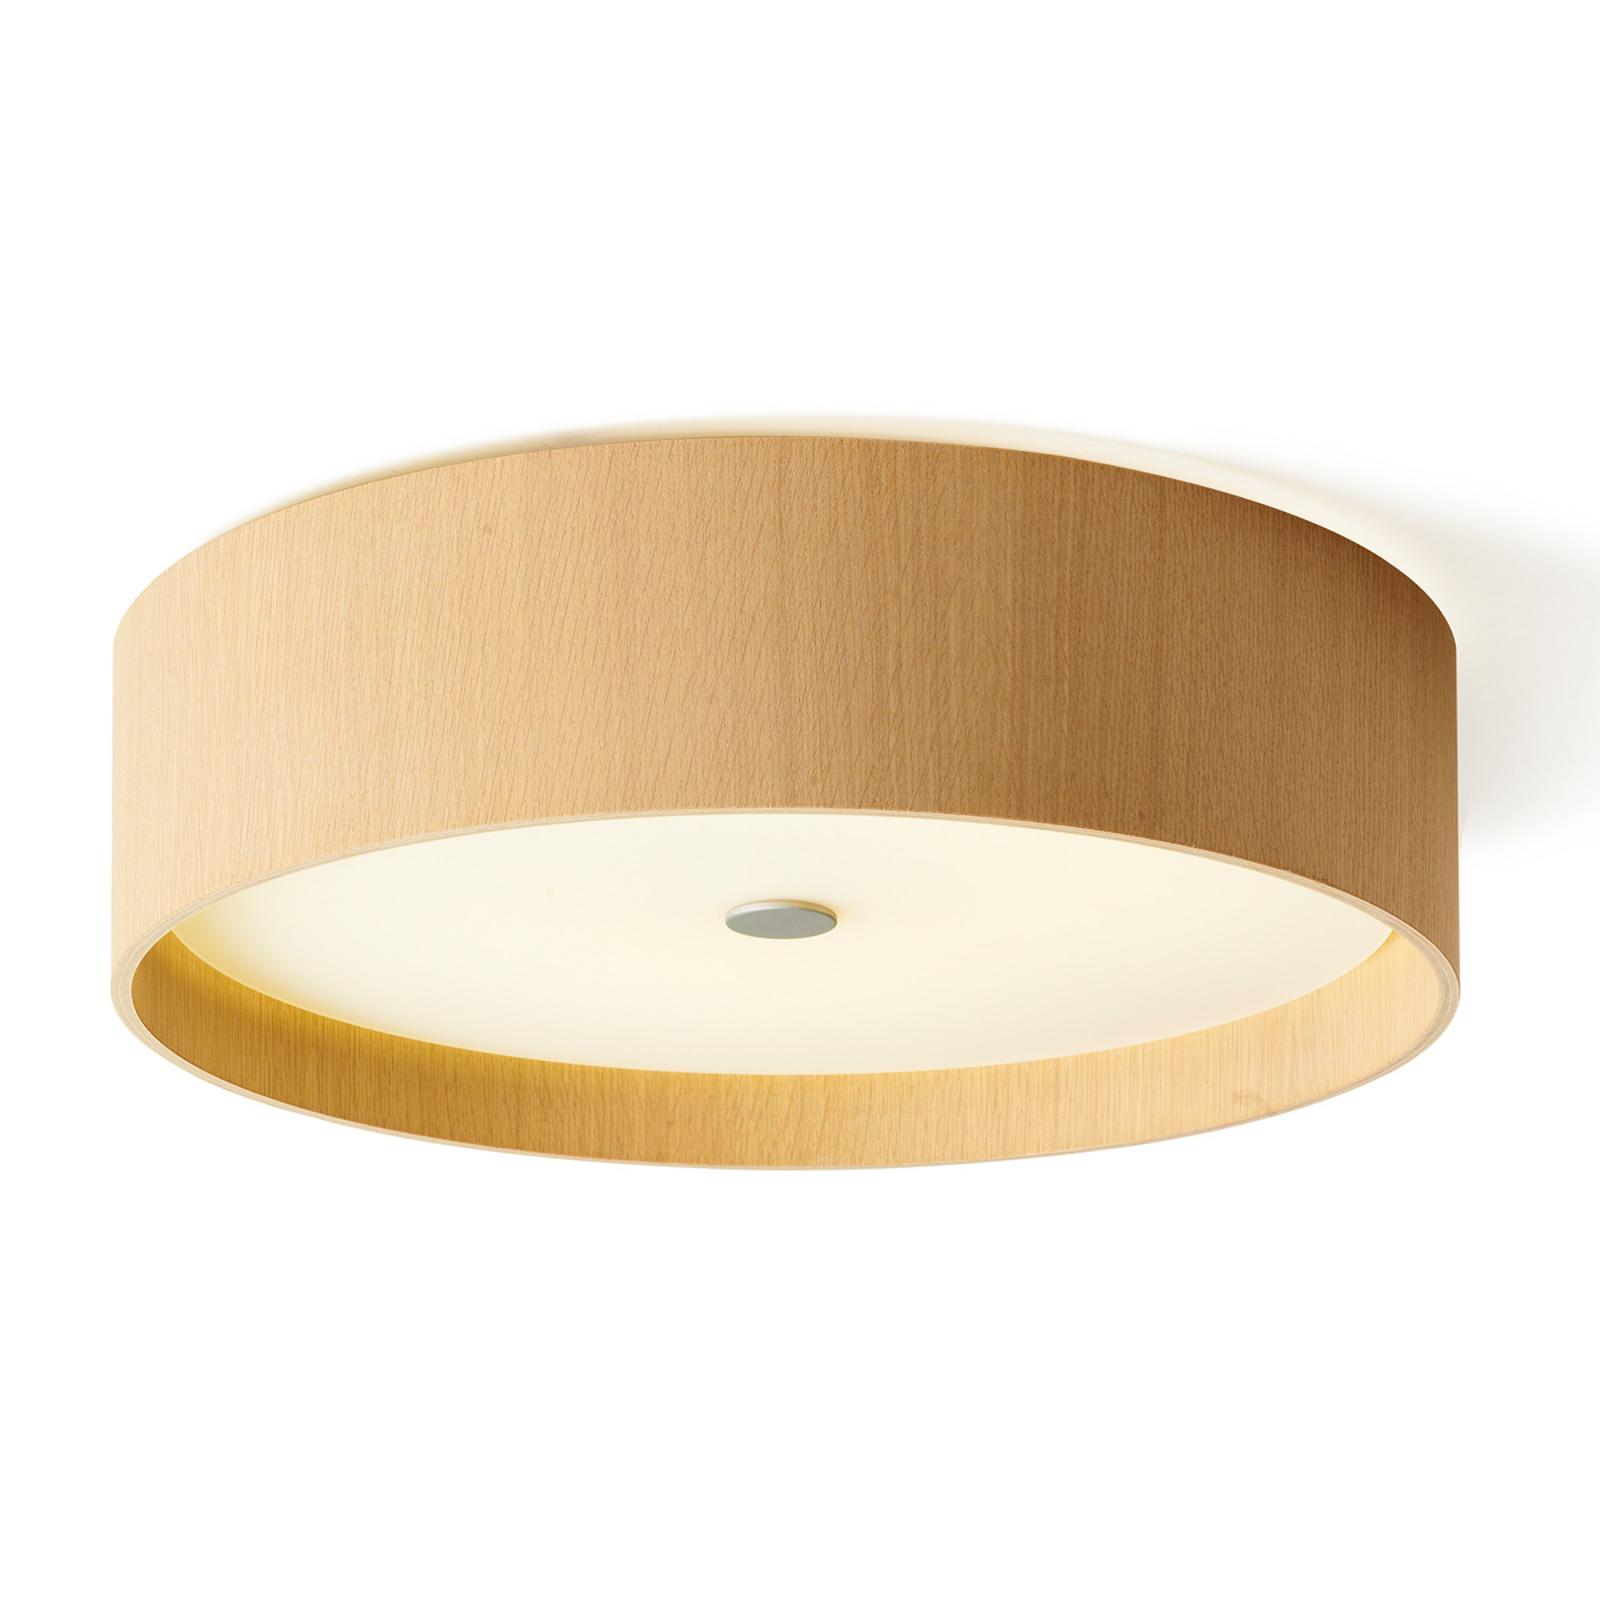 Lámpara de techo de madera Lara wood con LED 43 cm